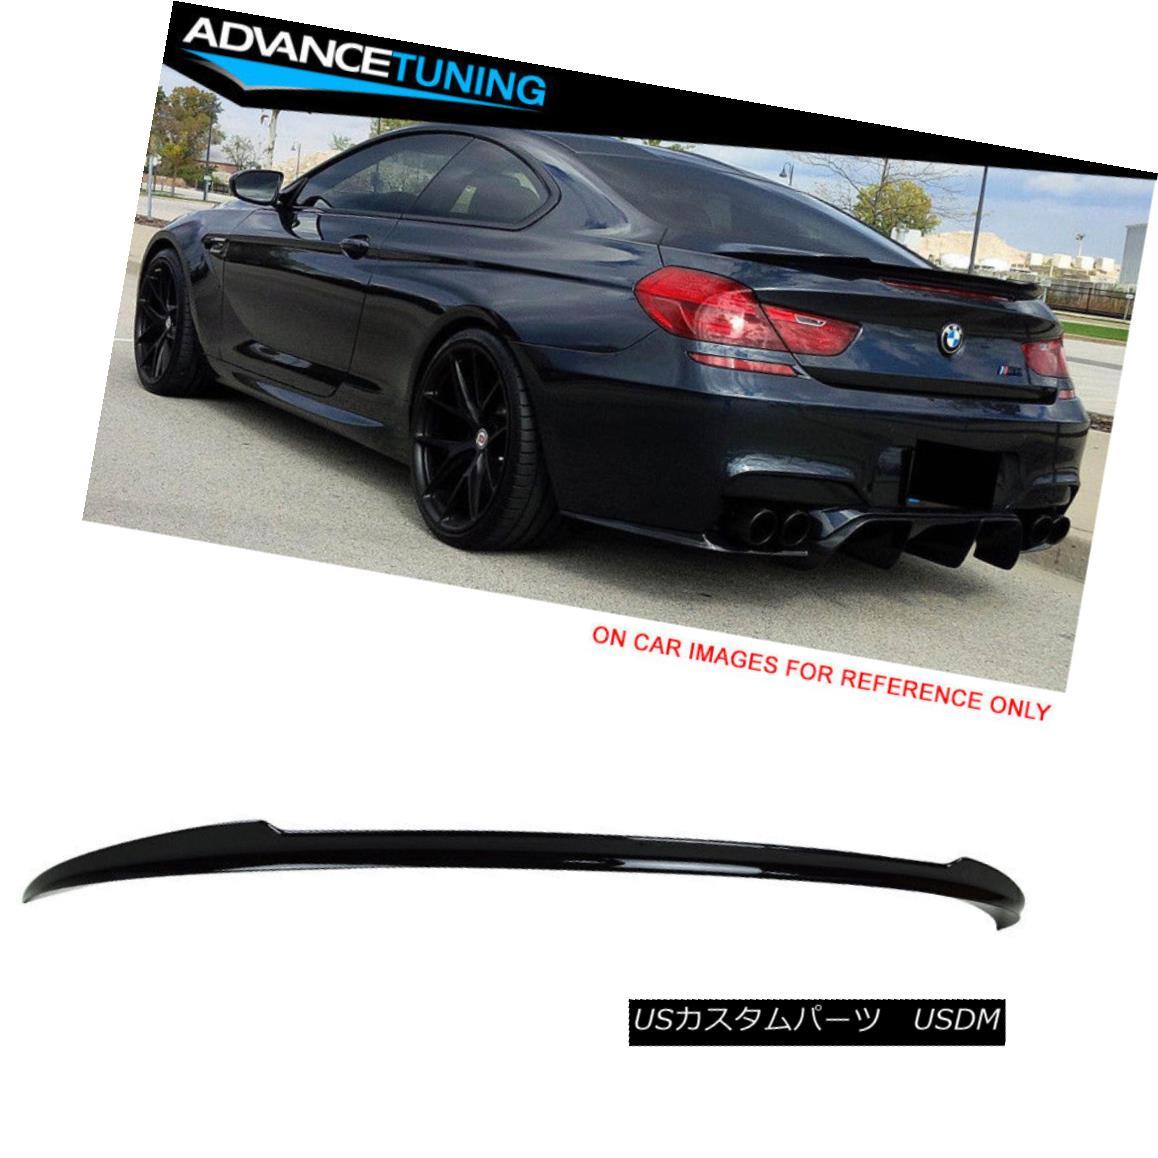 エアロパーツ Fit 12-17 F13 F06 V Style Trunk Spoiler OEM Painted #475 Black Sapphire Metallic フィット12-17 F13 F06 Vスタイルのトランク・スポイラーOEM塗装#475ブラック・サファイア・メタリック